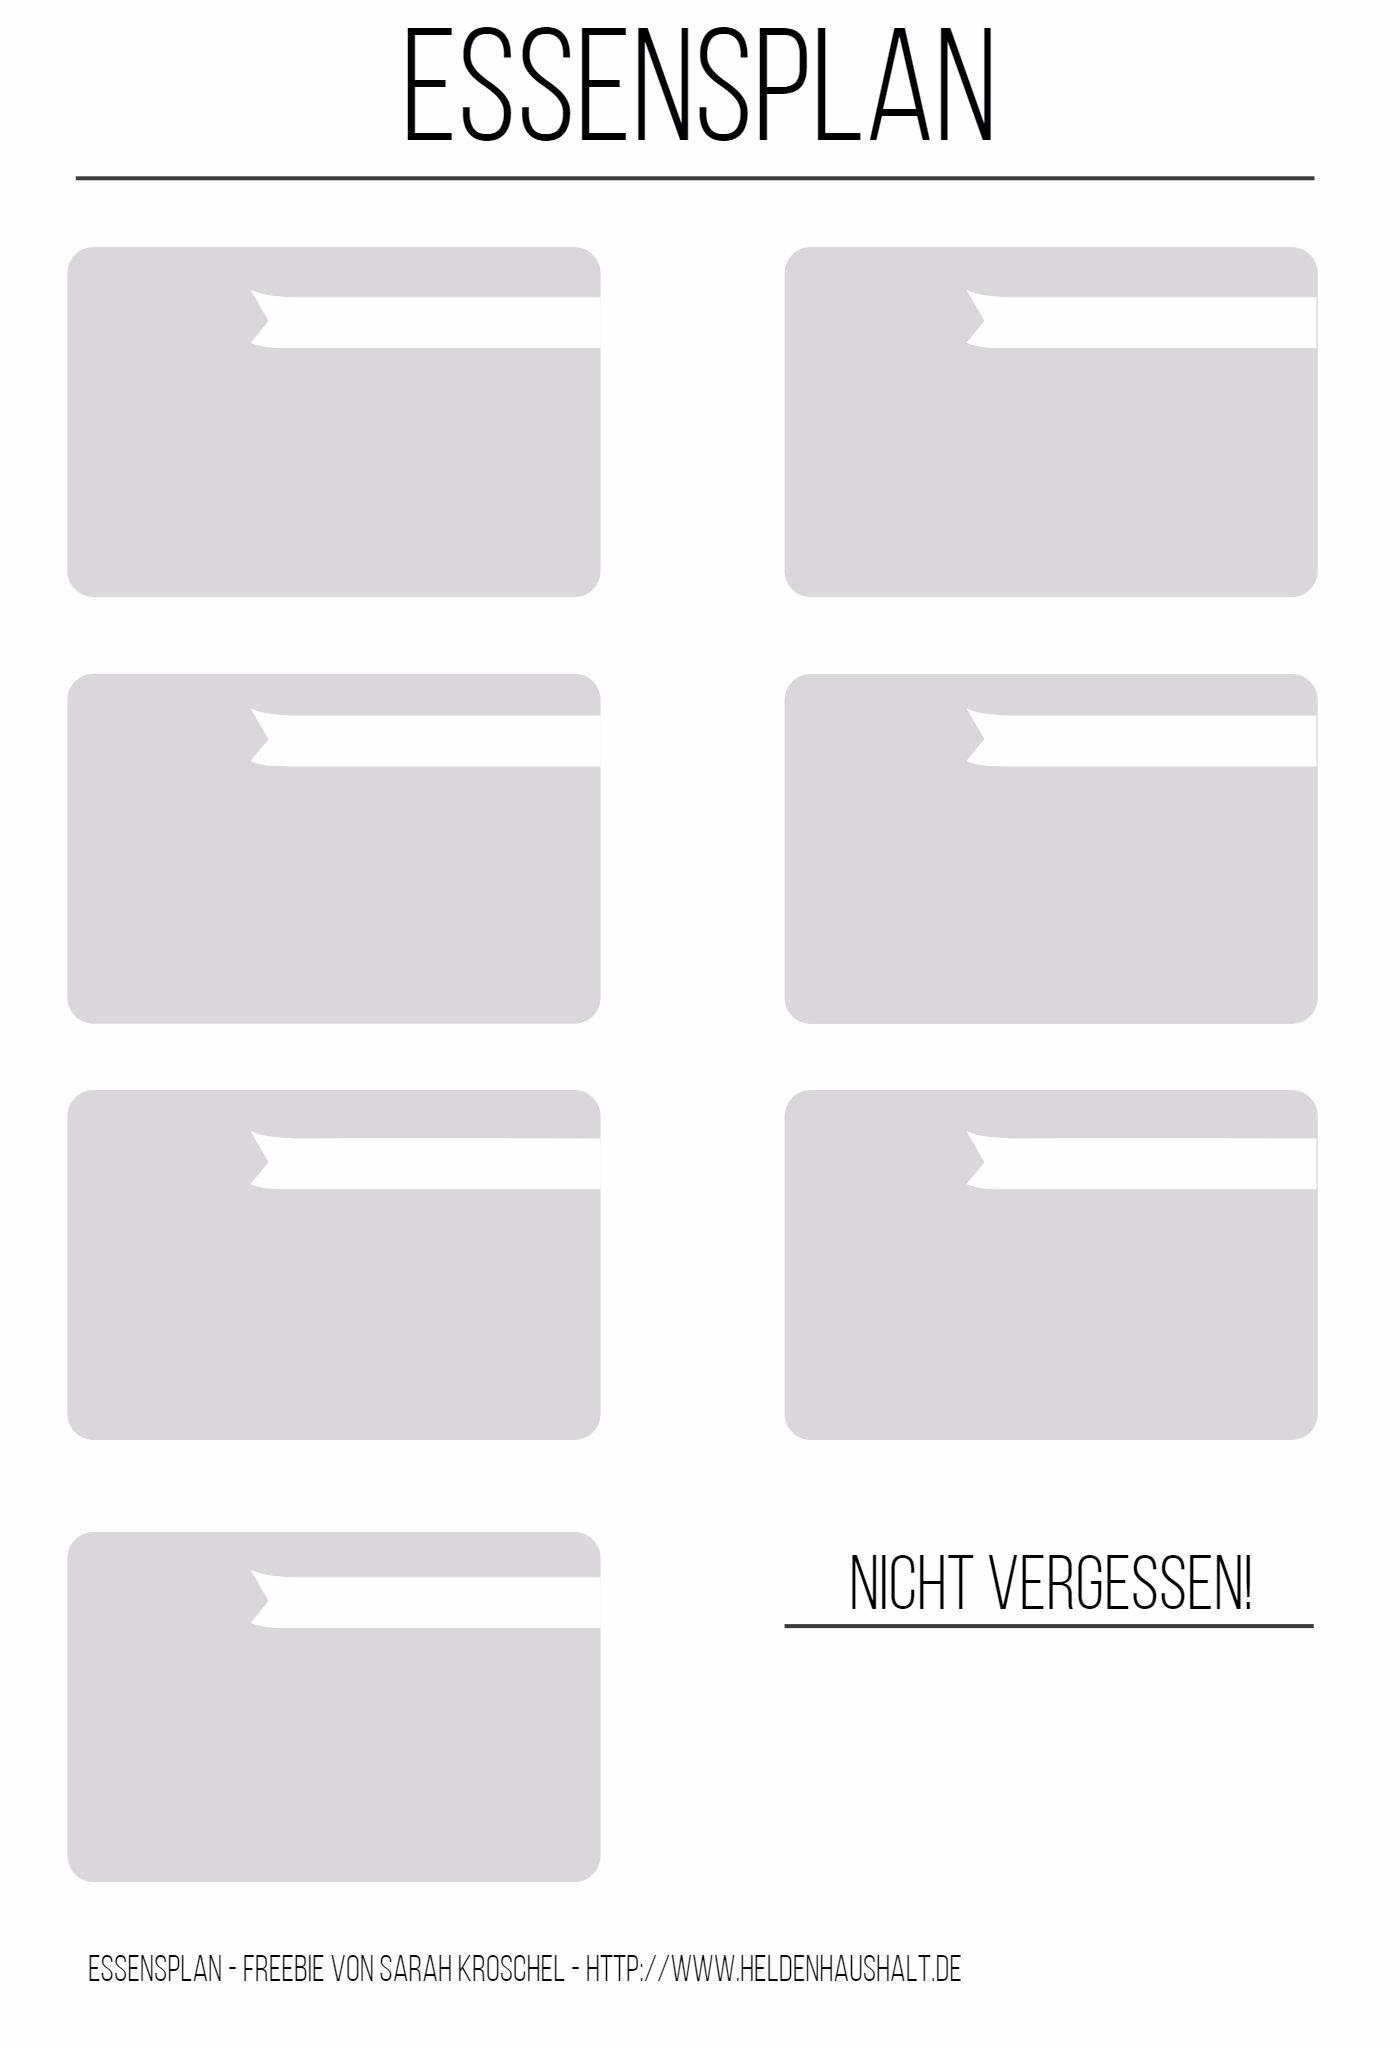 mmi wie ich anfing einen essensplan zu schreiben freebie heldenhaushalt. Black Bedroom Furniture Sets. Home Design Ideas